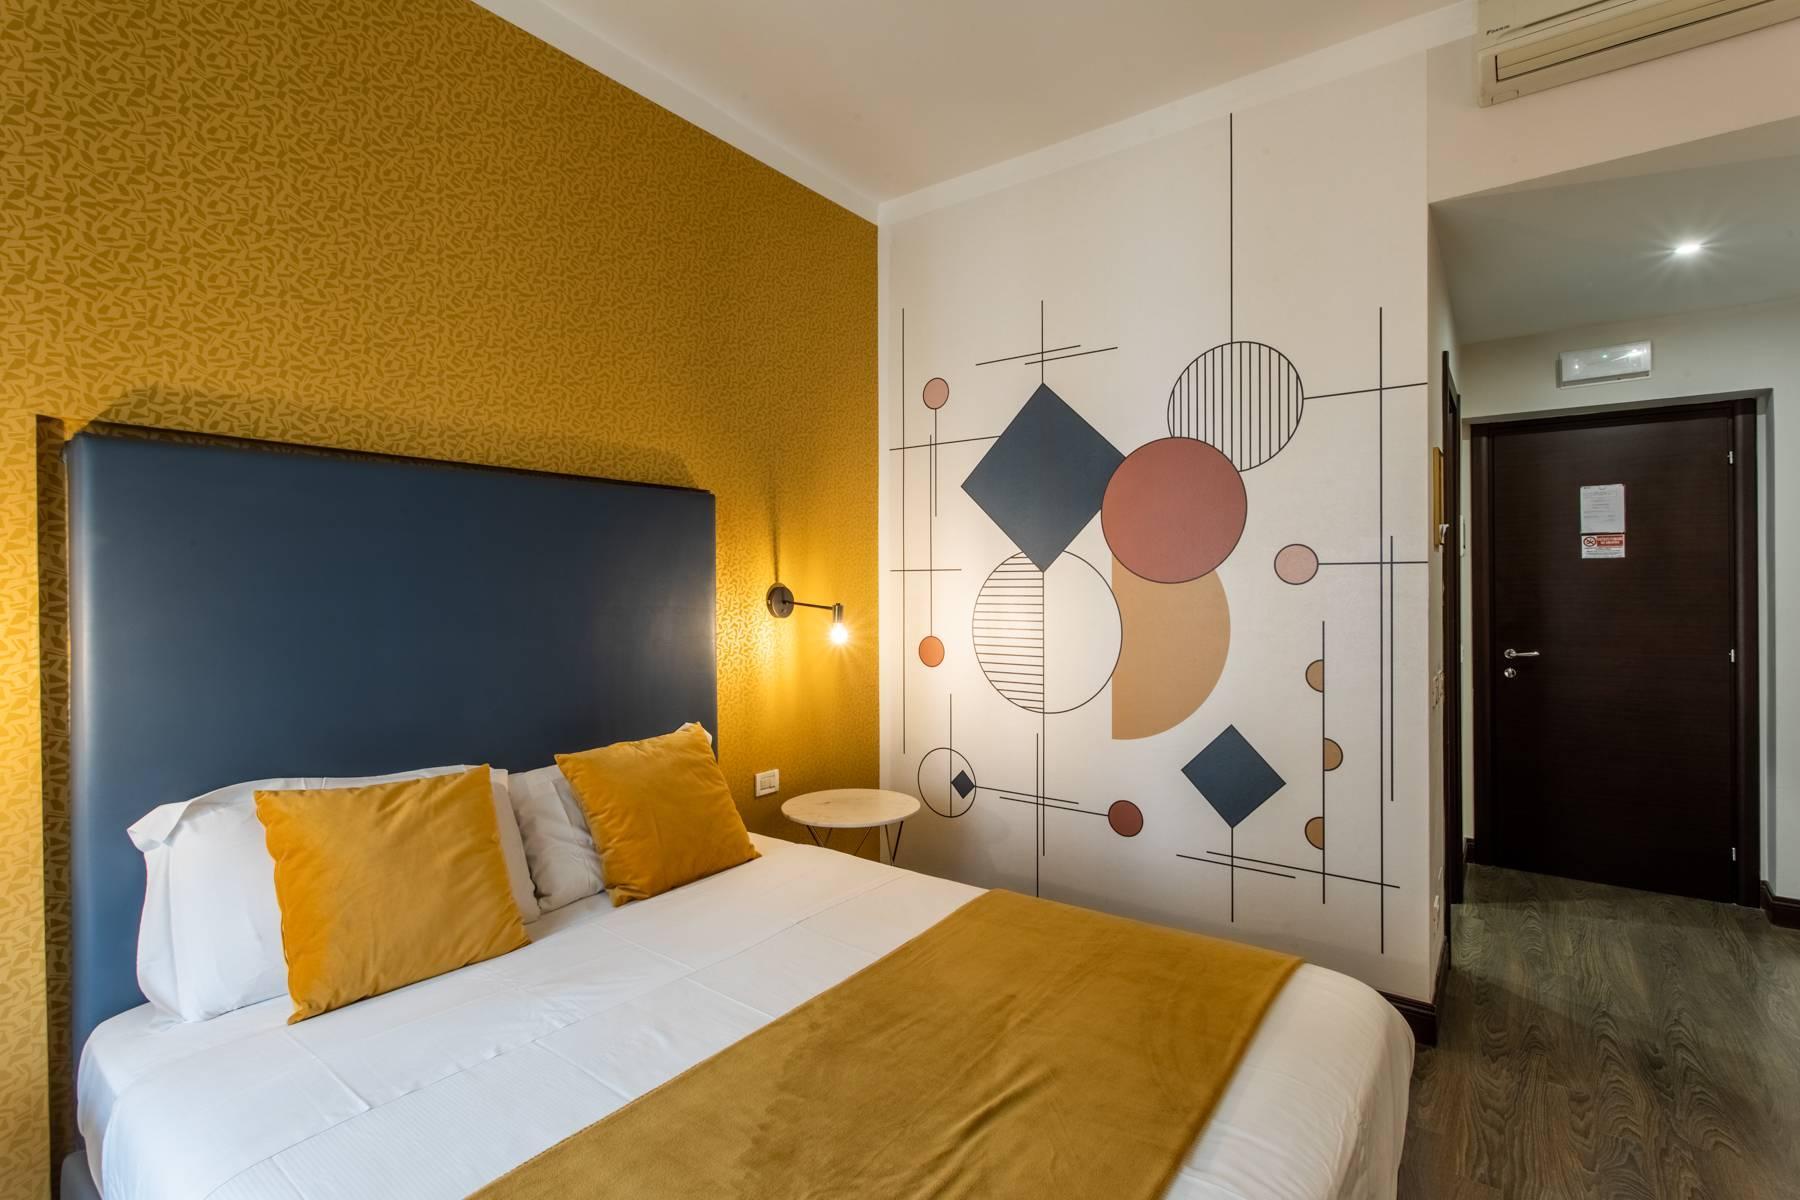 Appartamento dal design moderno a pochi passi da piazza del Popolo - 14